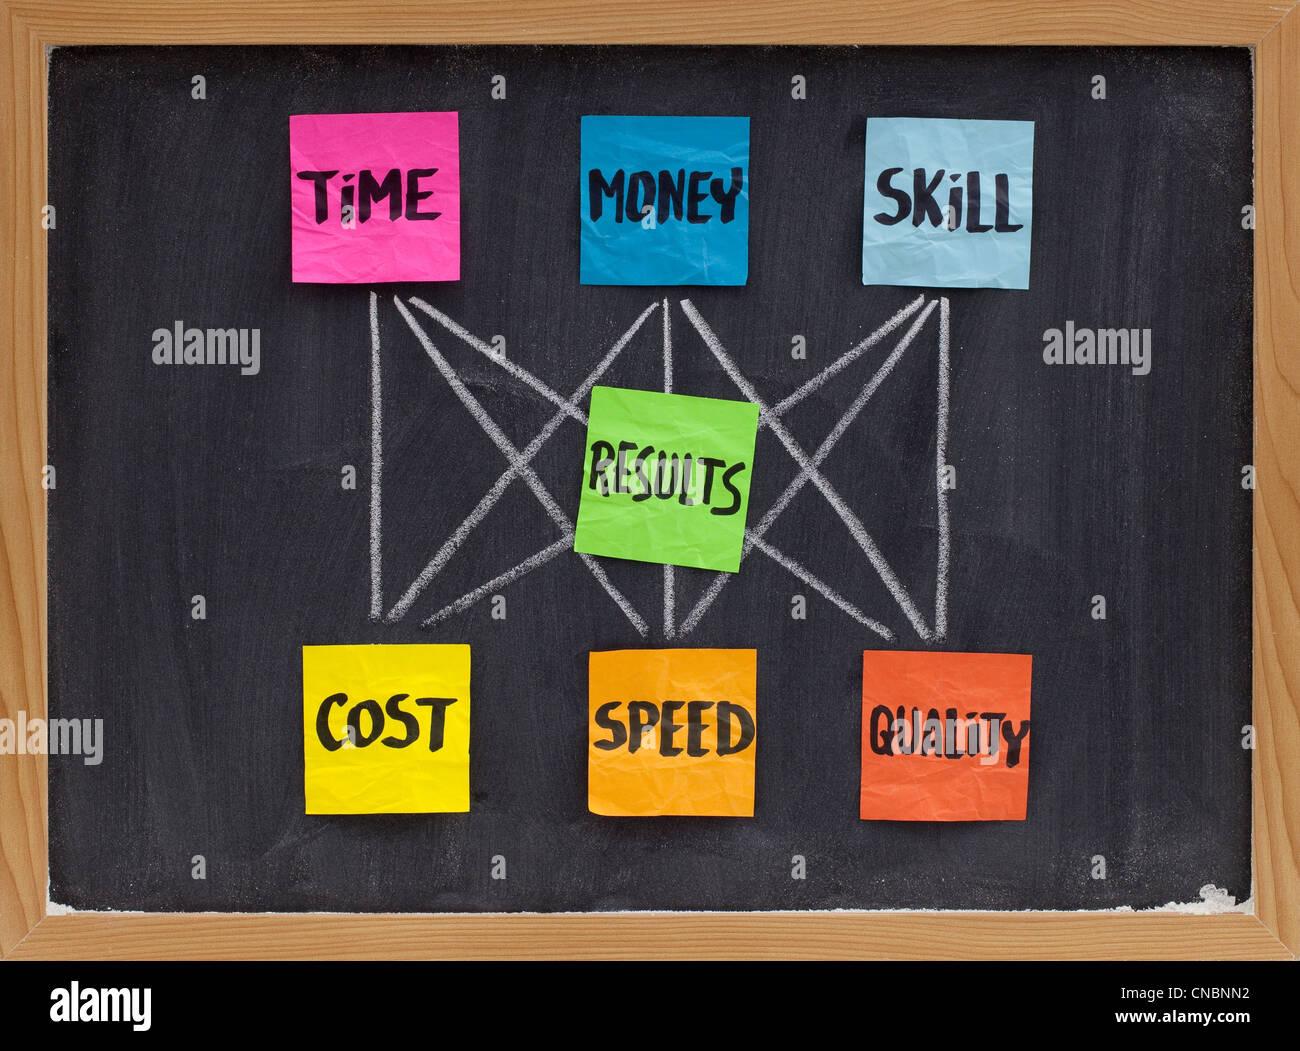 Il concetto di gestione del bilanciamento tra ha investito tempo e denaro, di abilità e di costo, velocità Immagini Stock